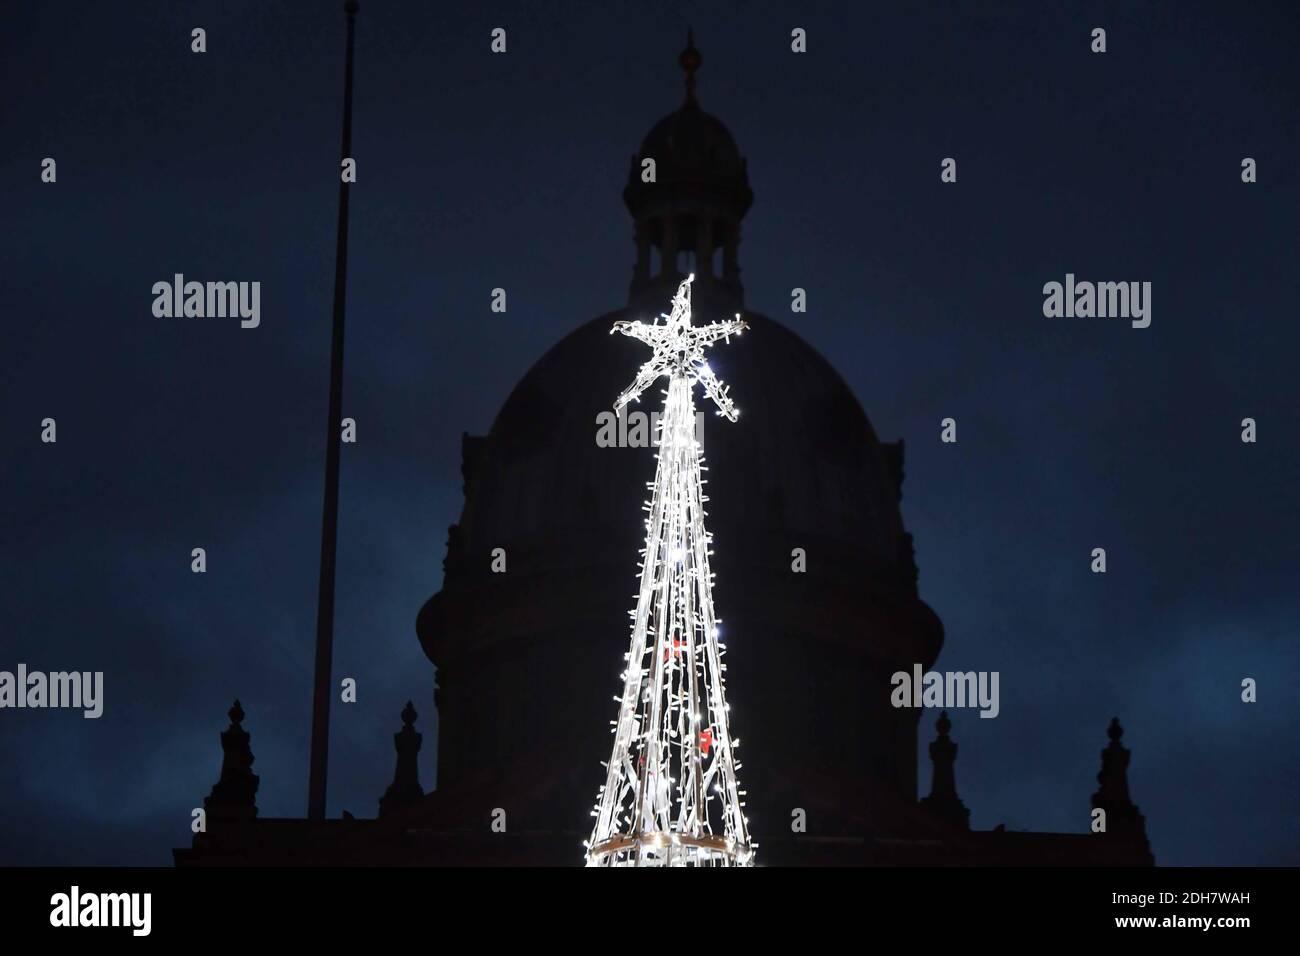 Les lumières de Noël de Birmingham sont allumées pour la prochaine saison de fête à New Street et Victoria Square, le jeudi 12 novembre 2020. Banque D'Images